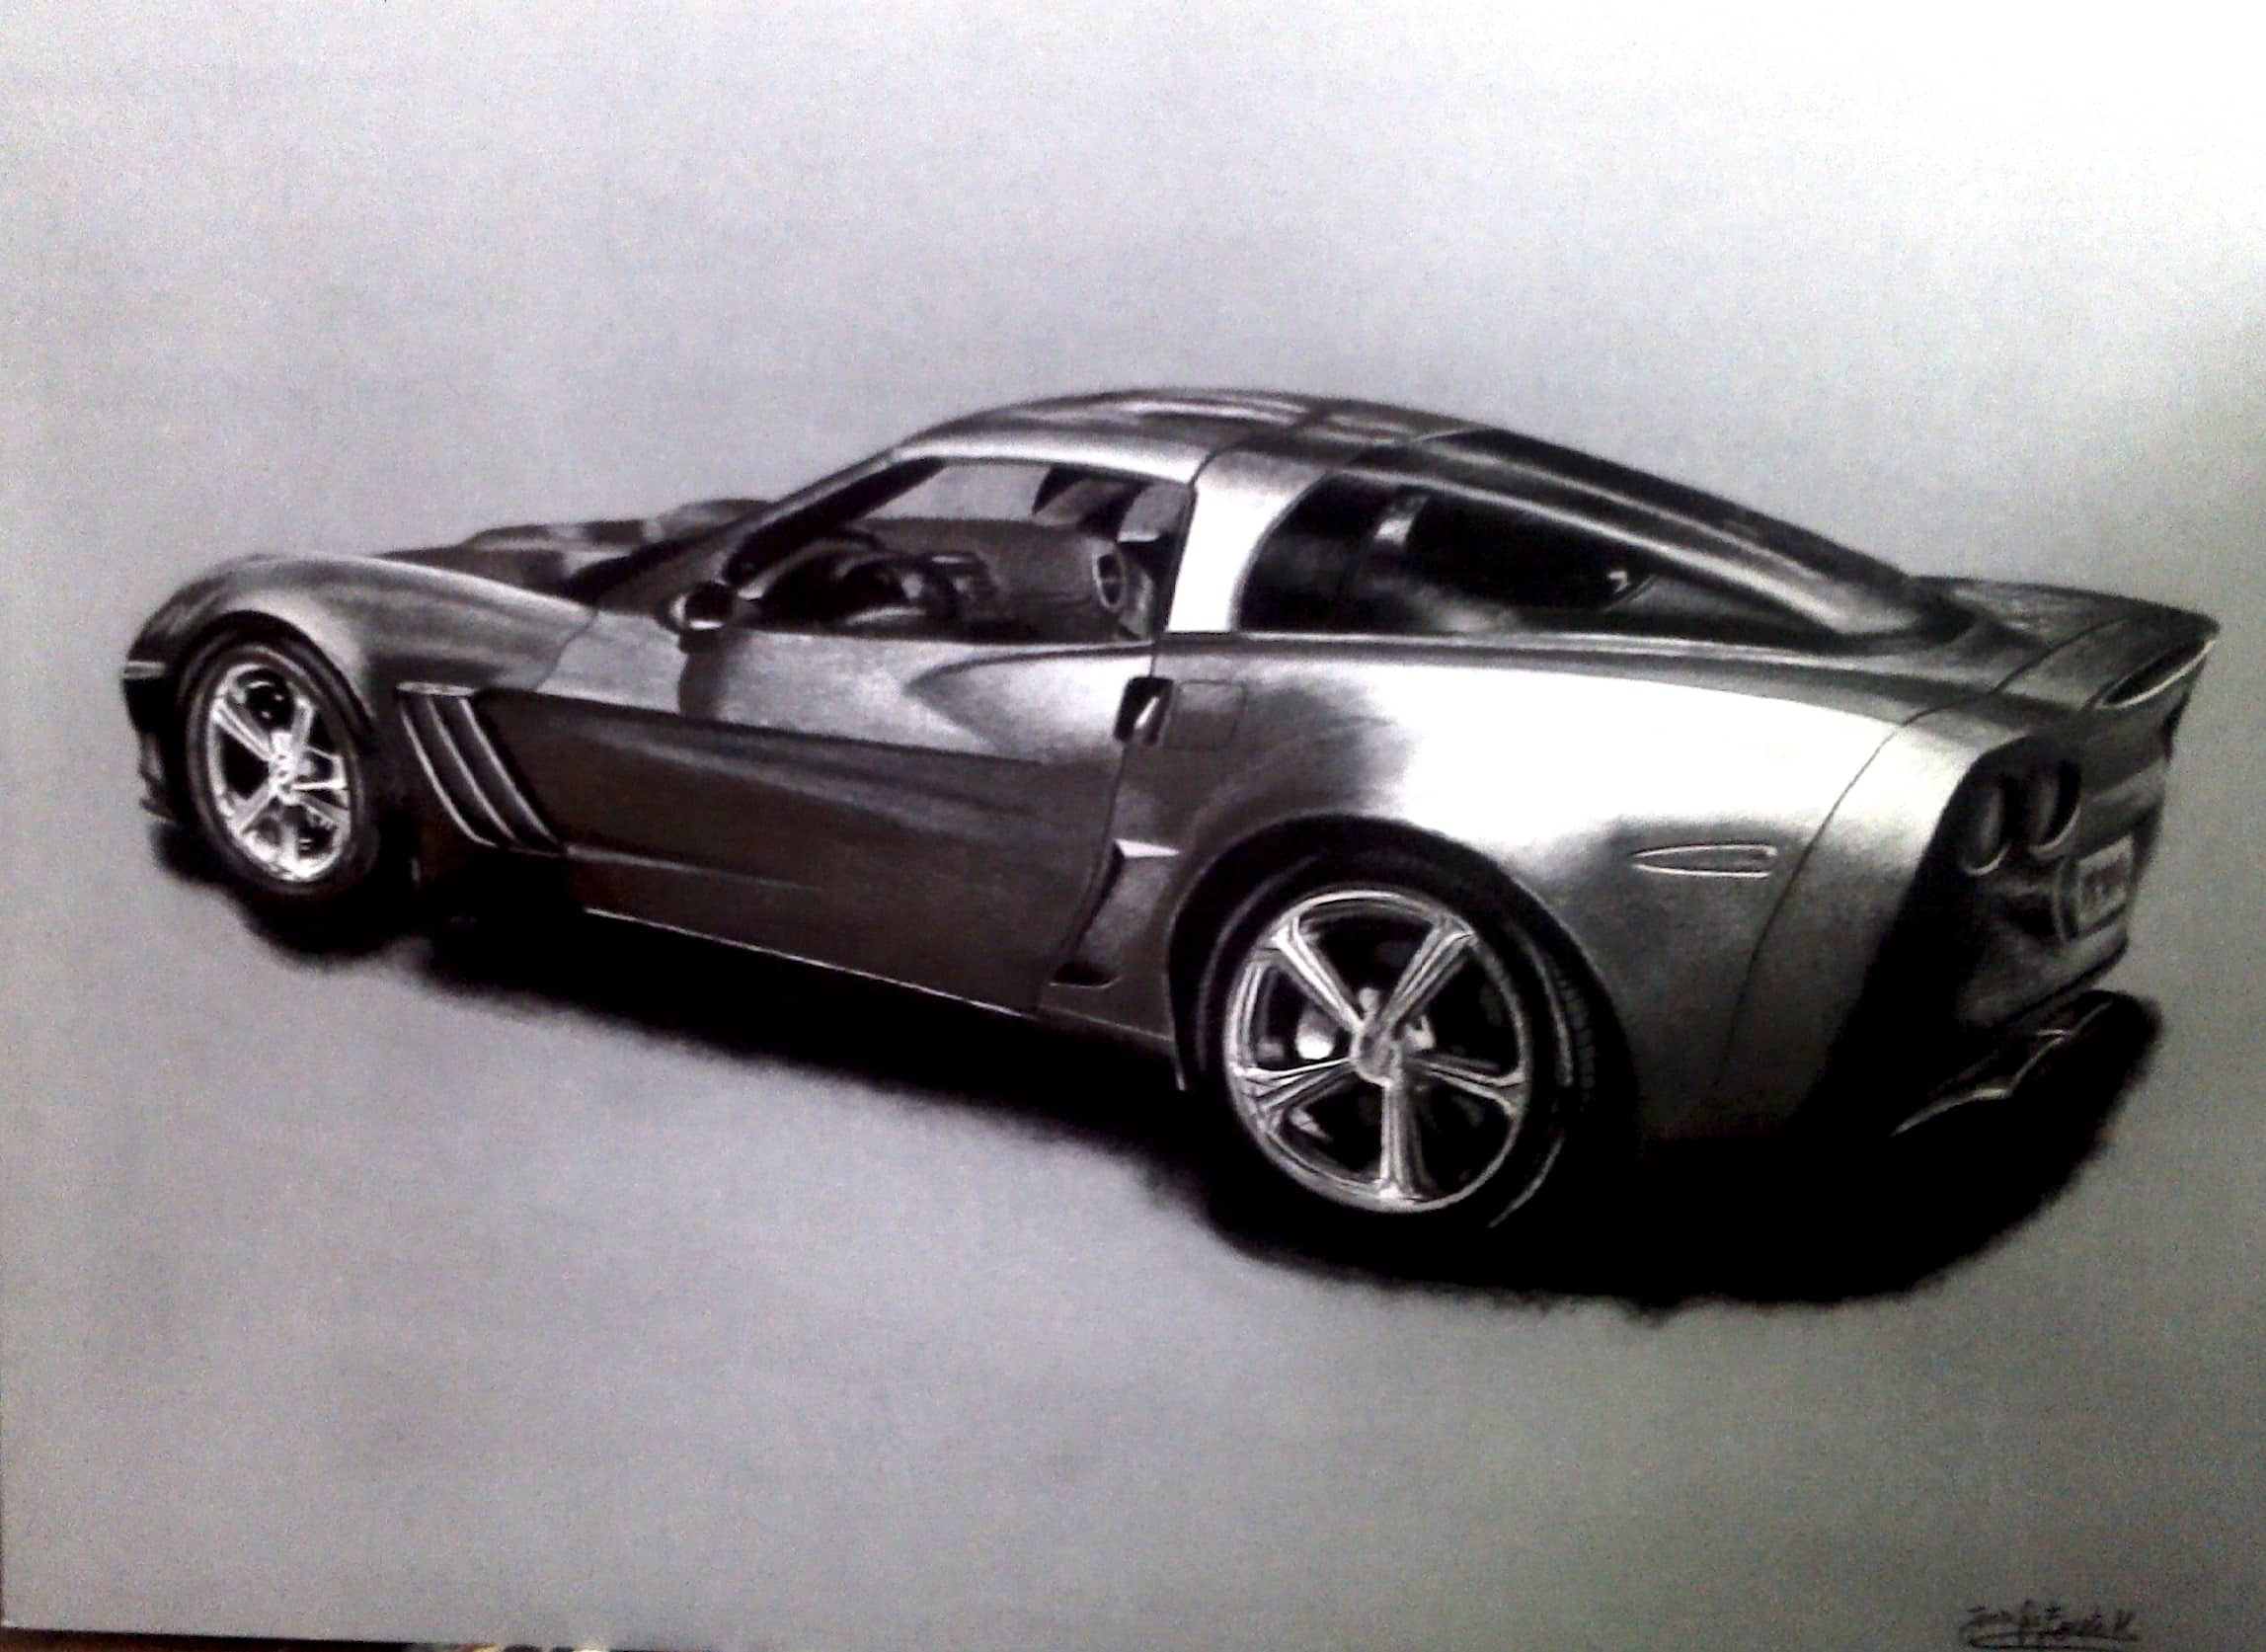 Chevrolet Corvette Grand Sport C6.